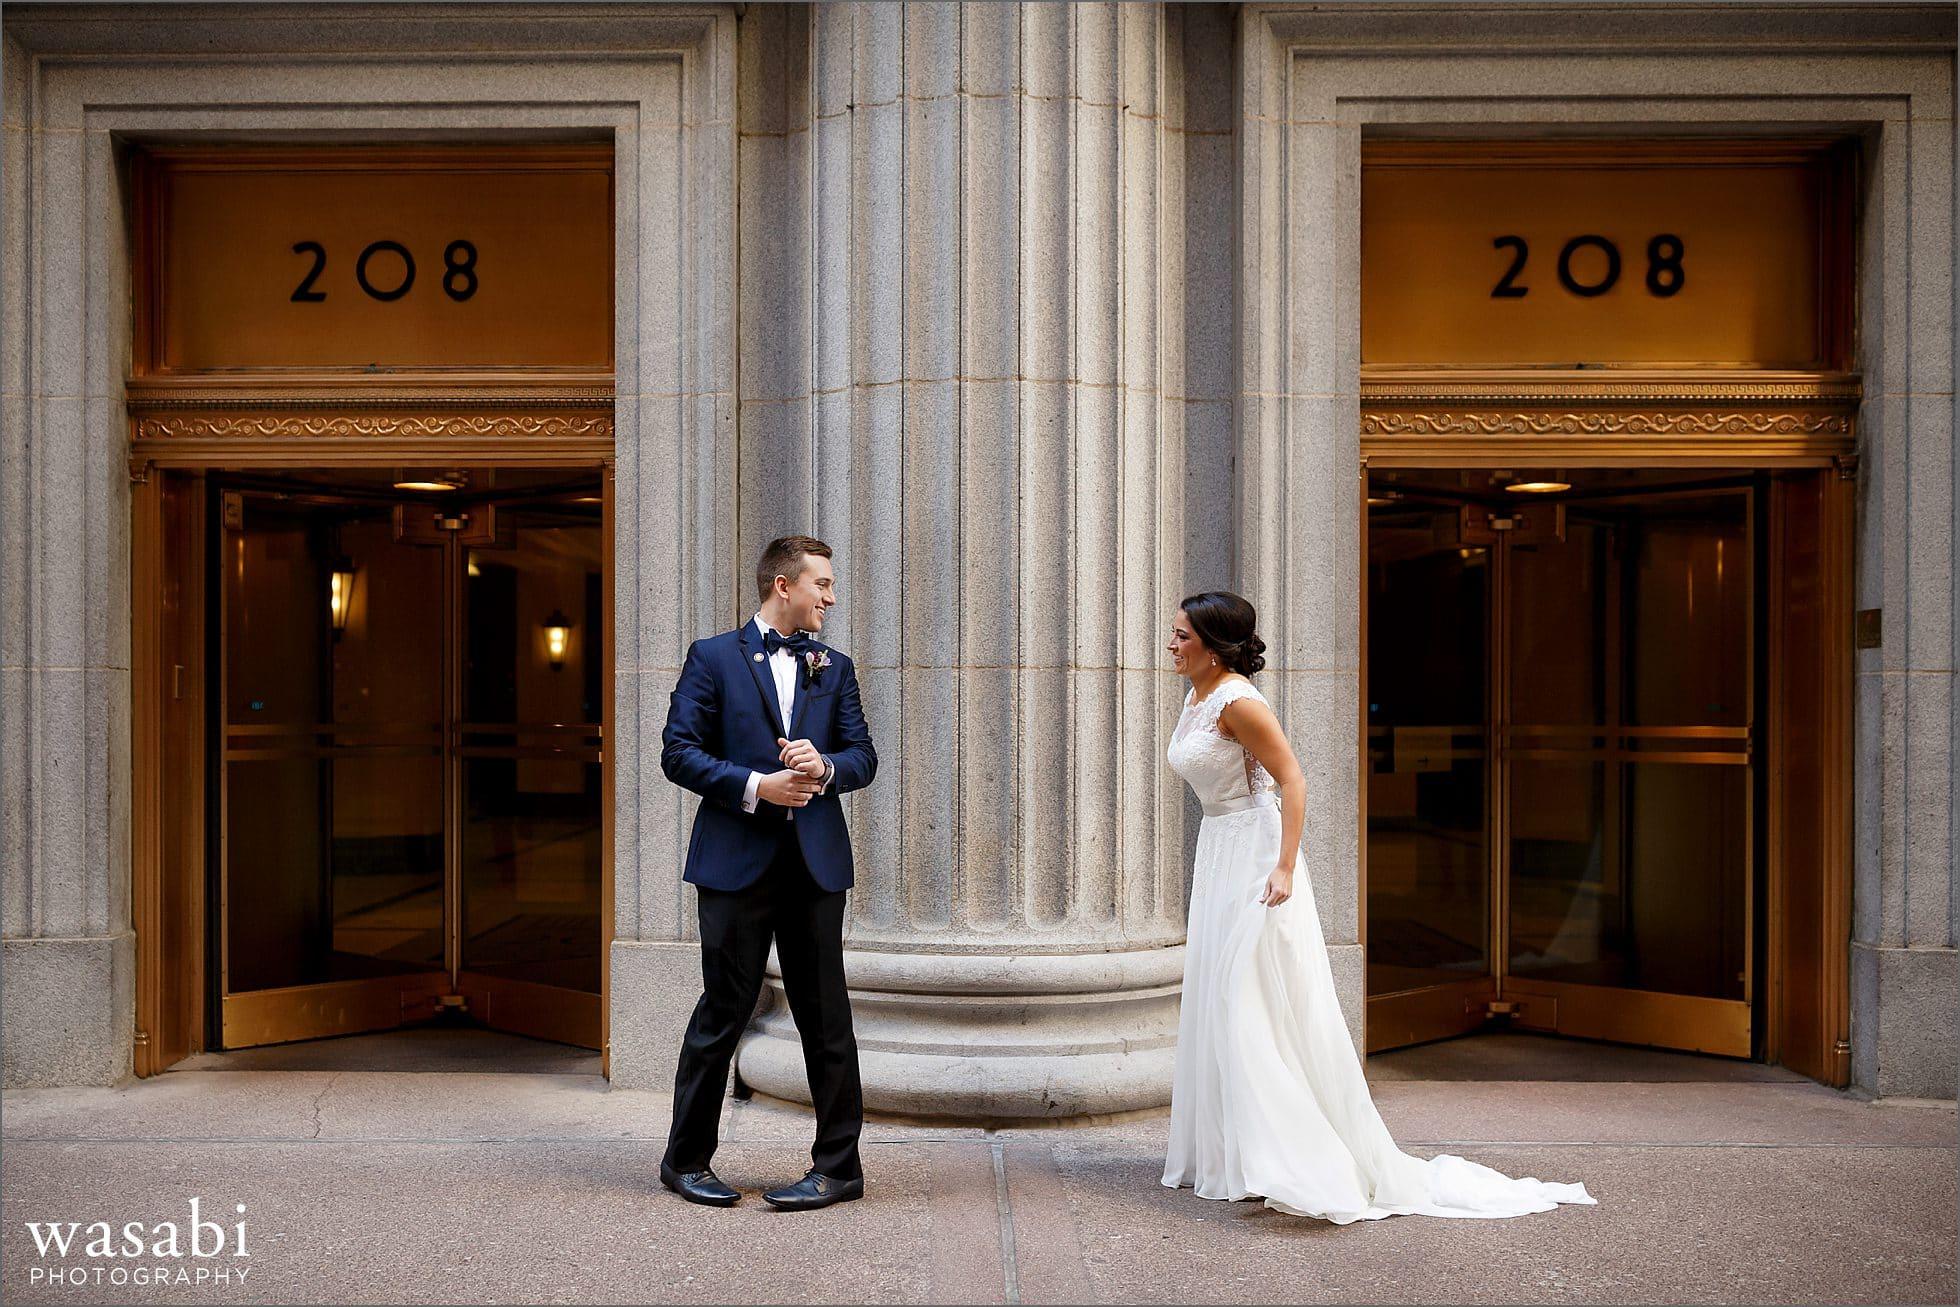 lasalle street first look chicago wedding photos